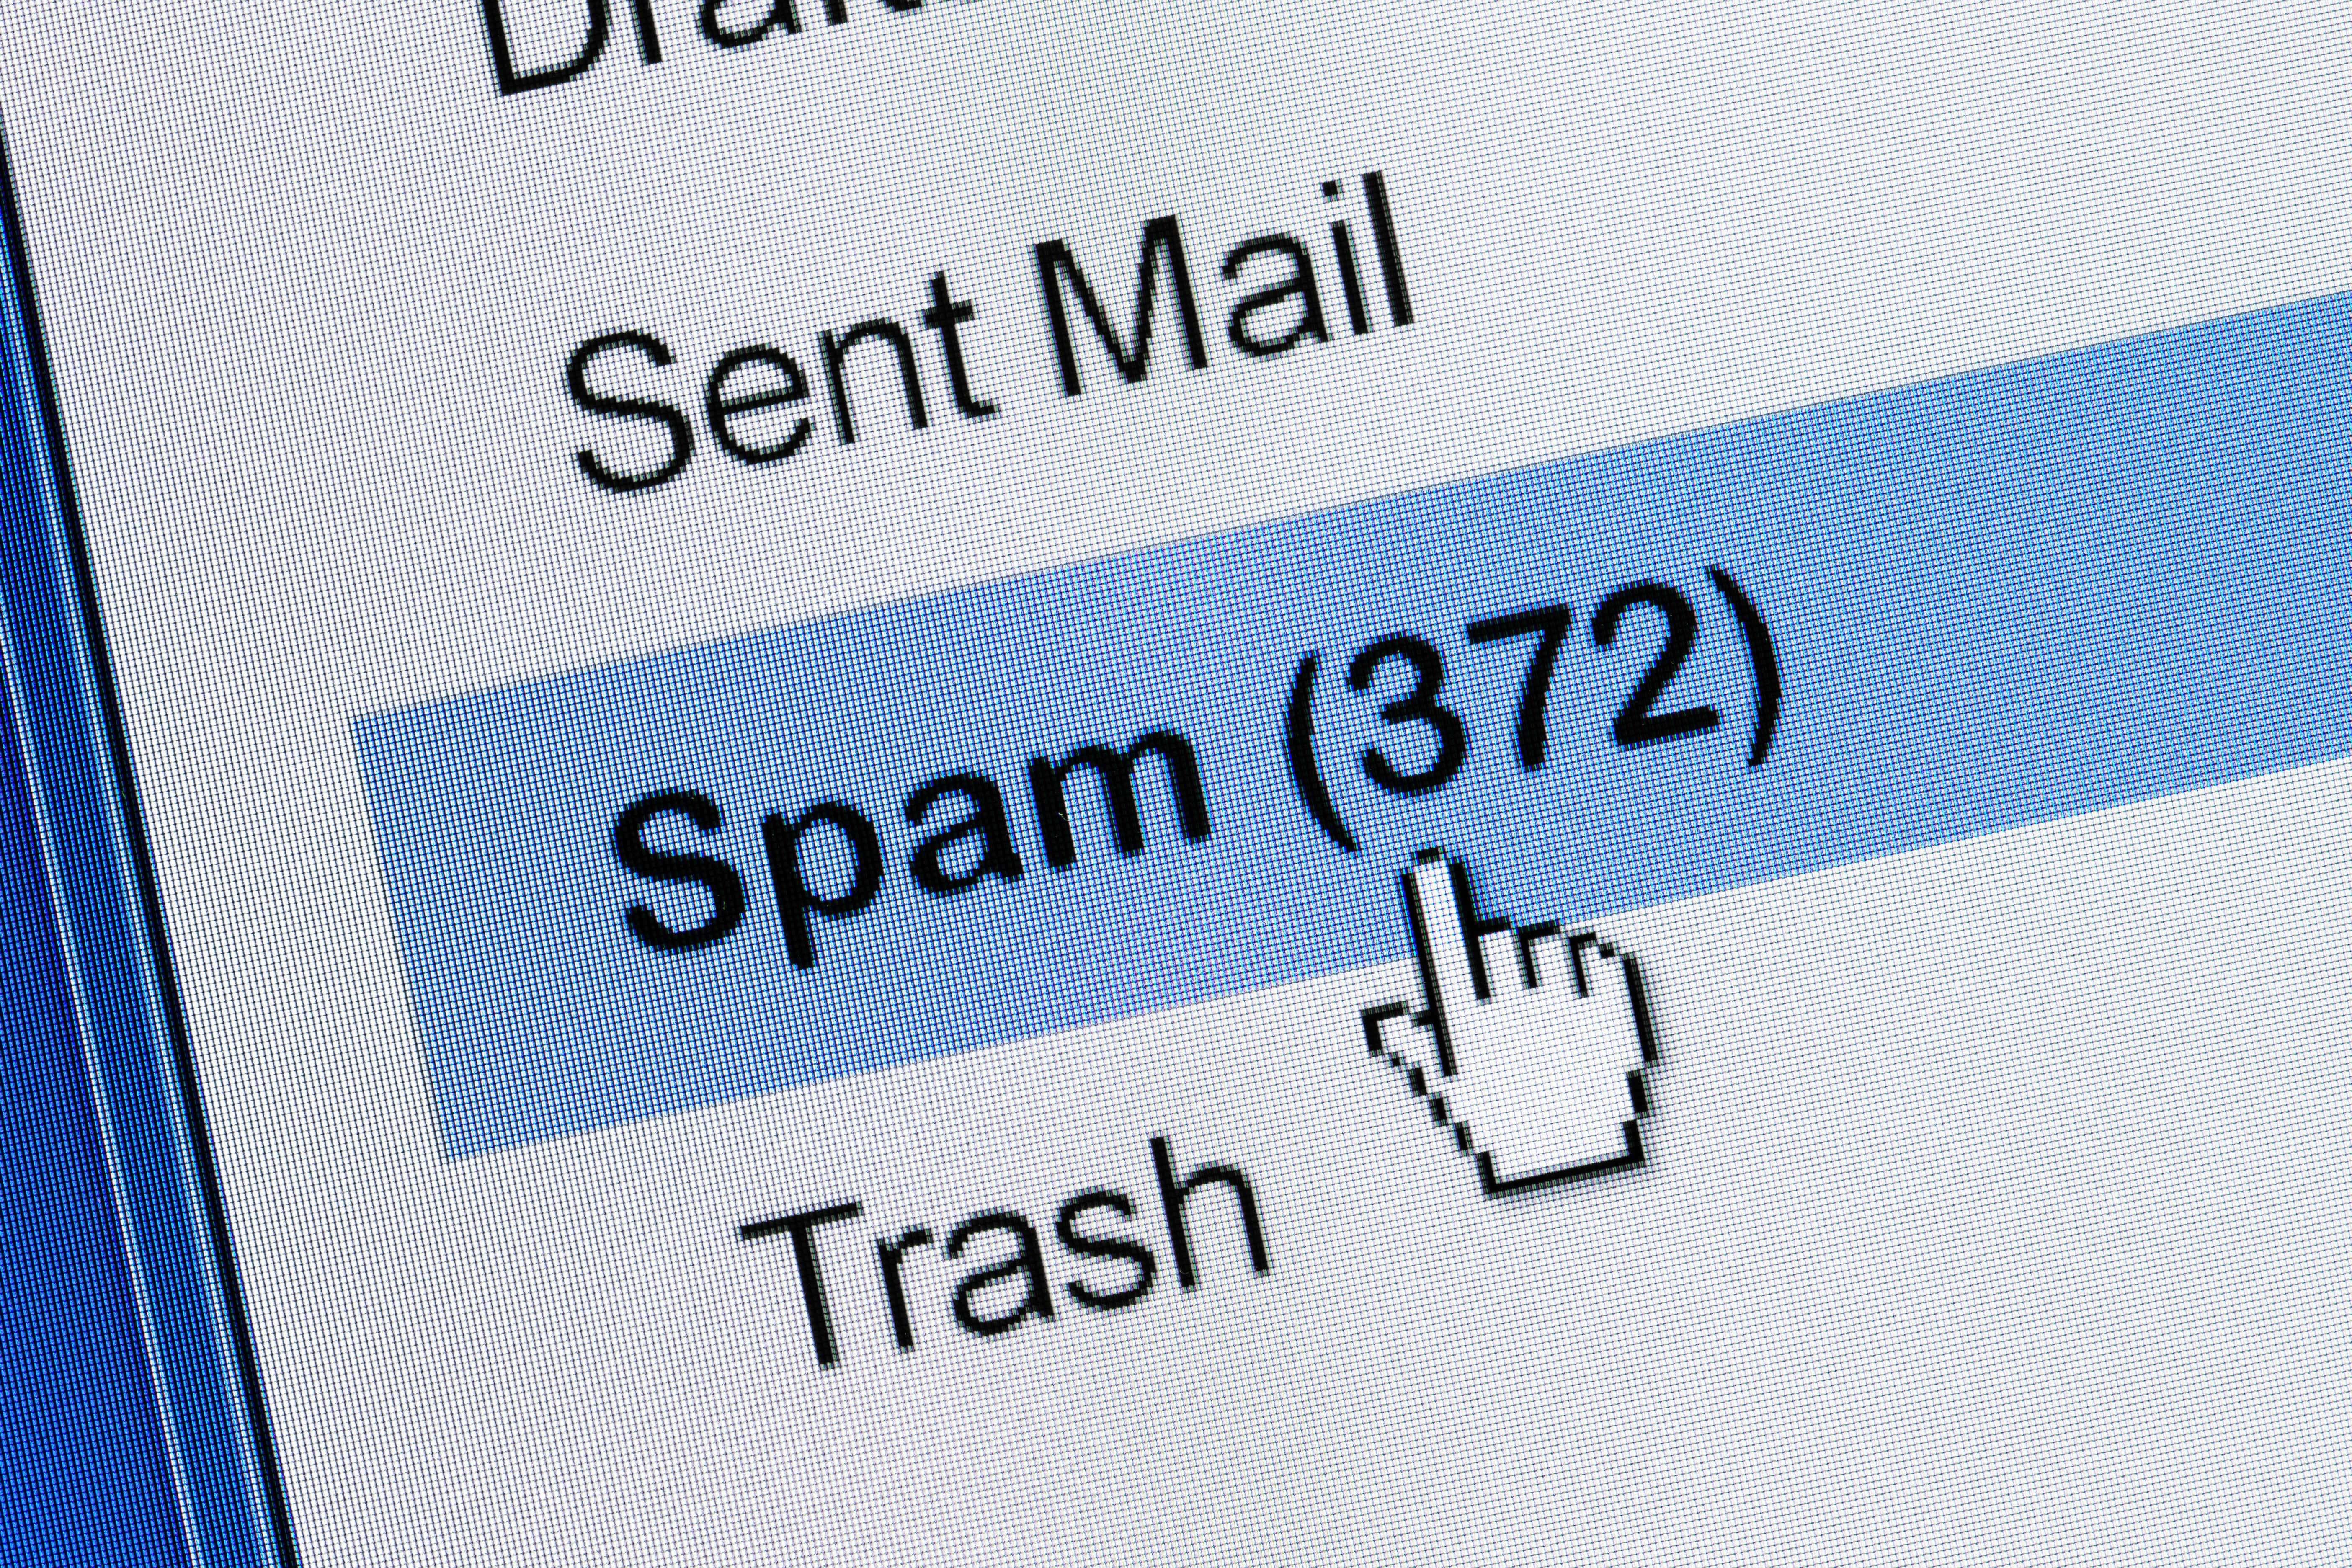 Spam box master.jpeg